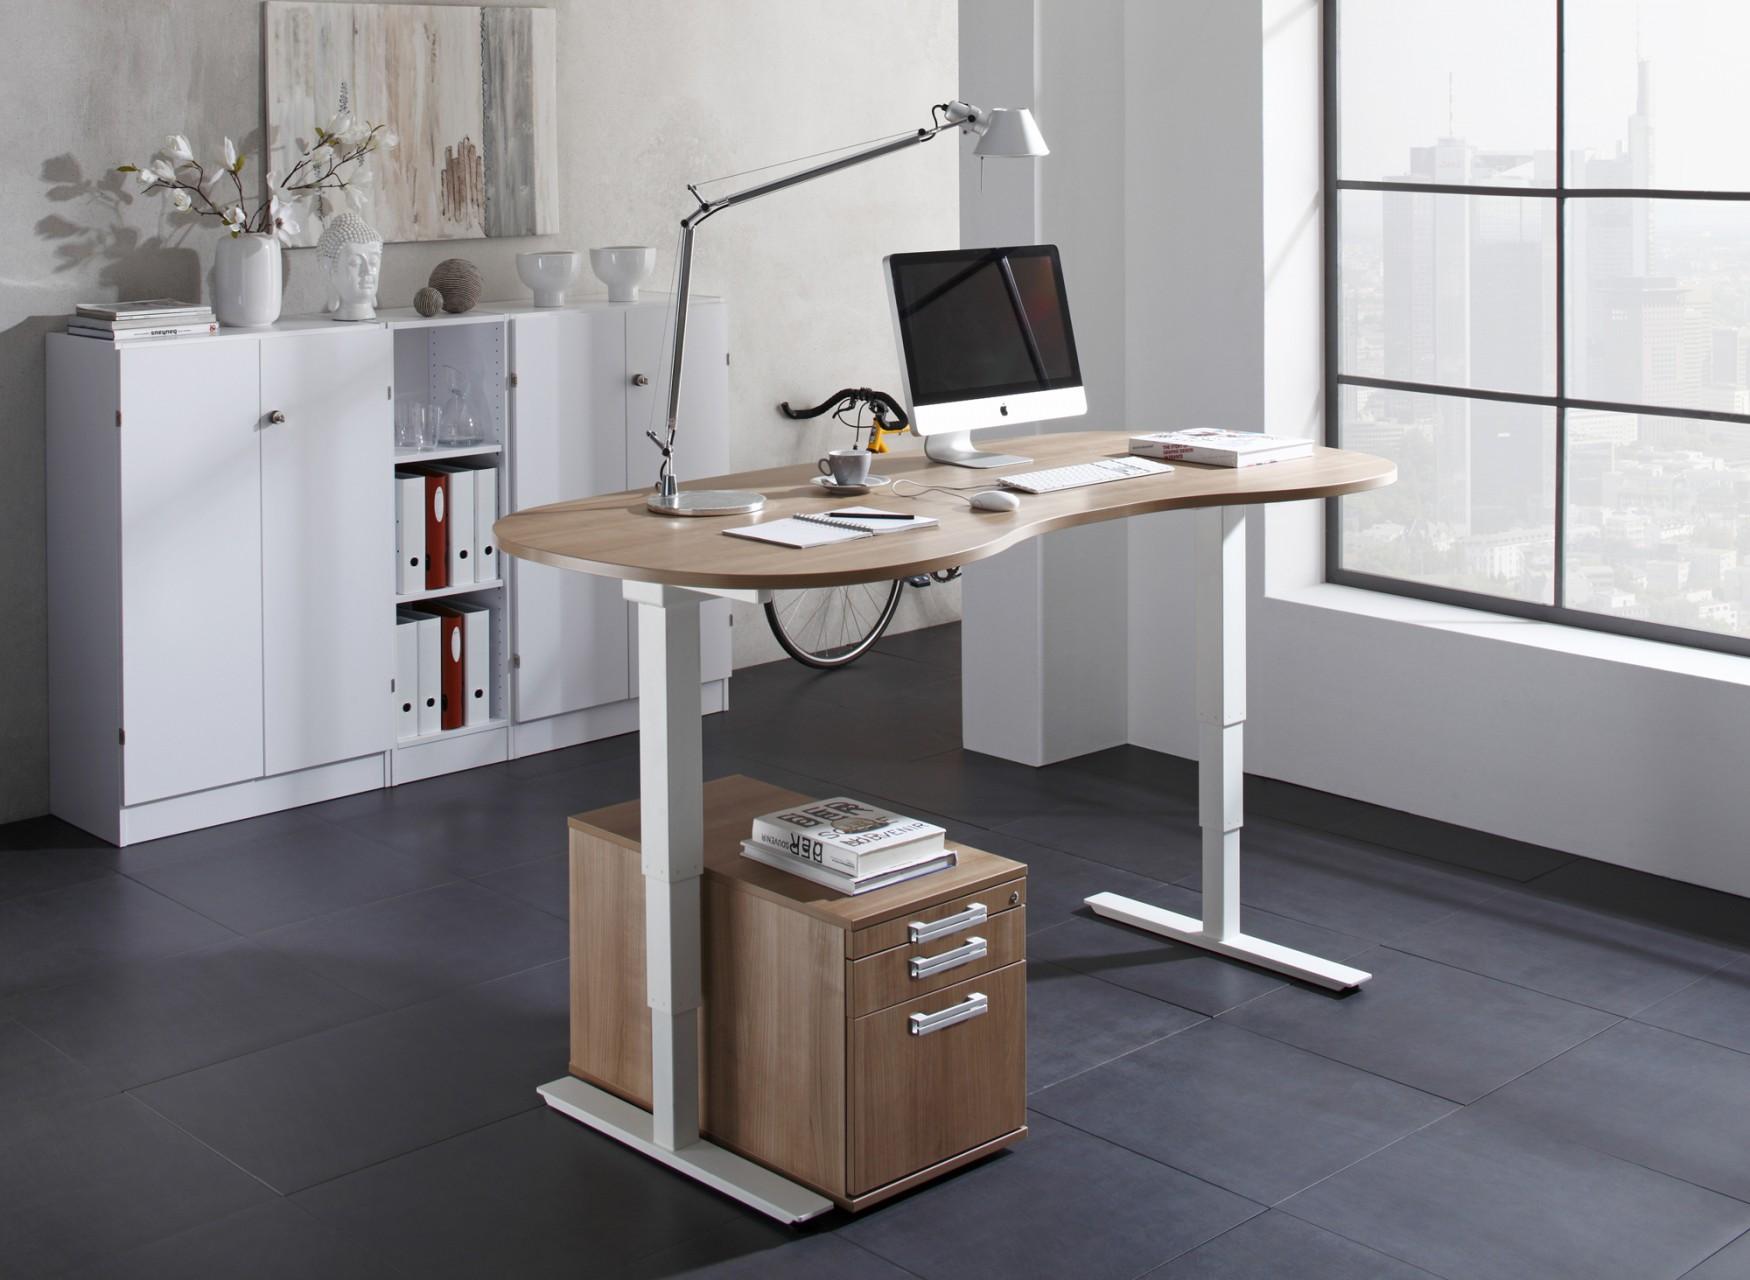 Bureau assis debout lectrique courbe adapt achat for Bureau assis